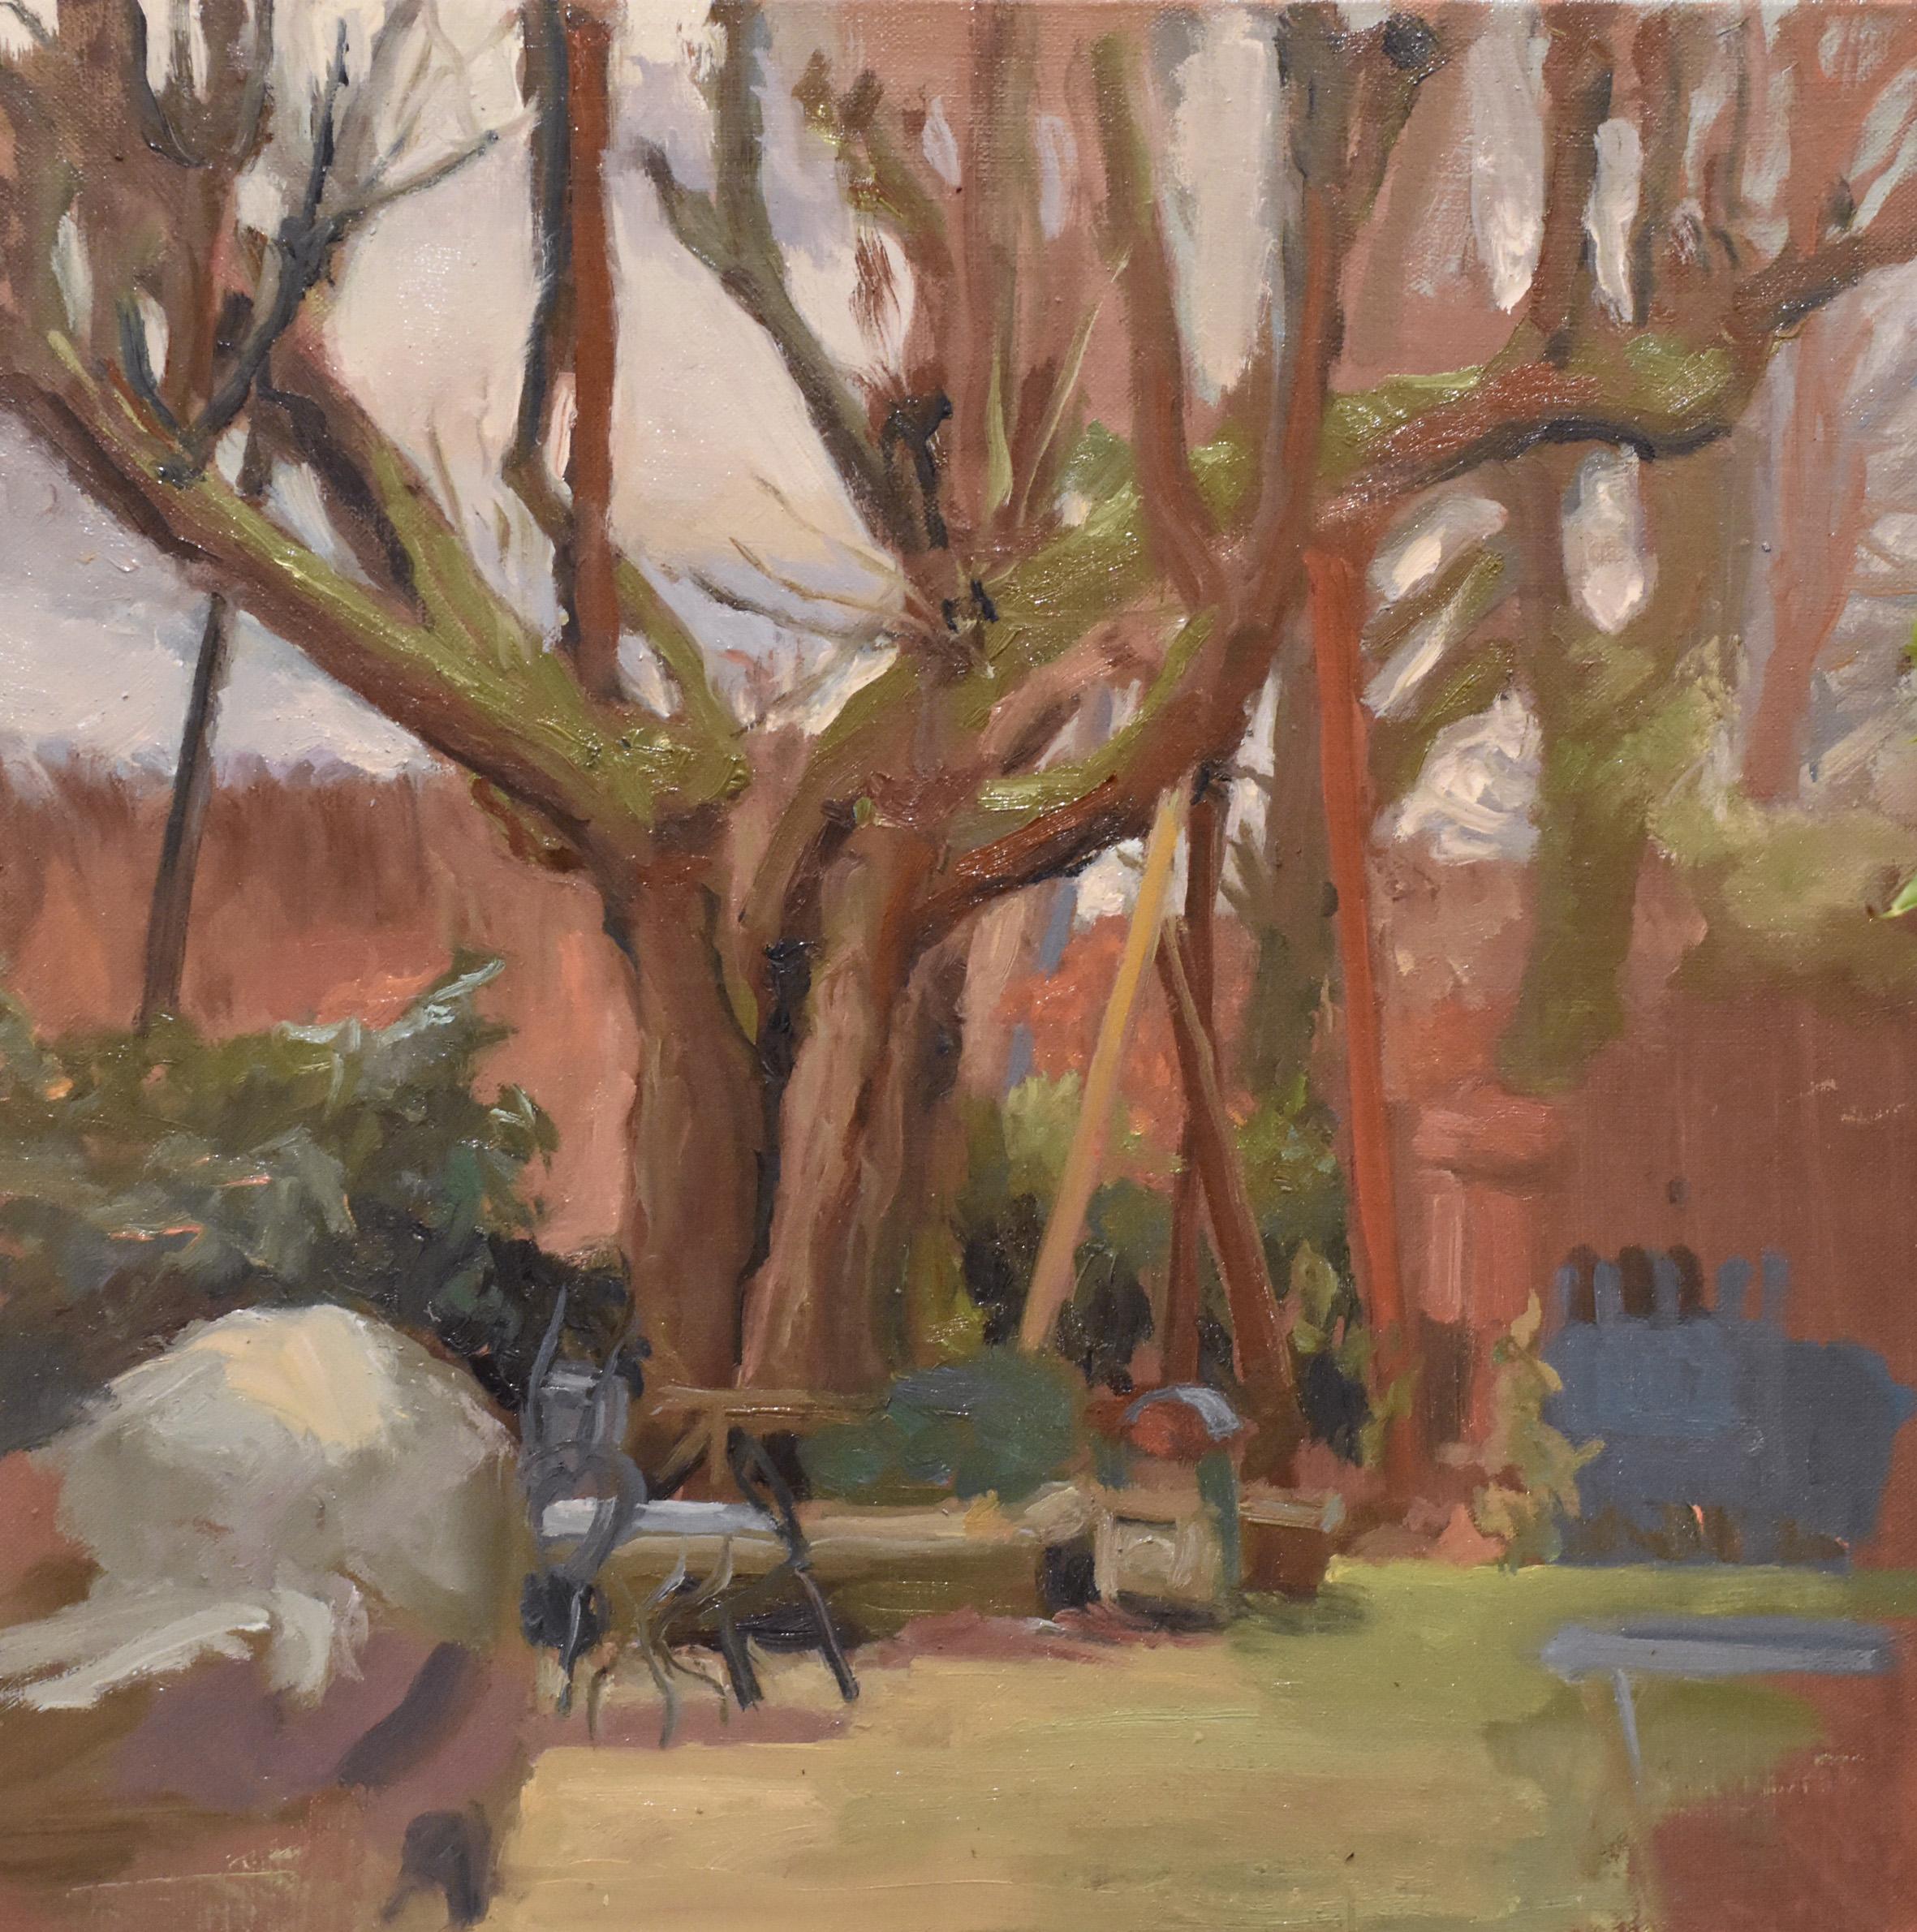 L'arbre du jardin de Boubounelle